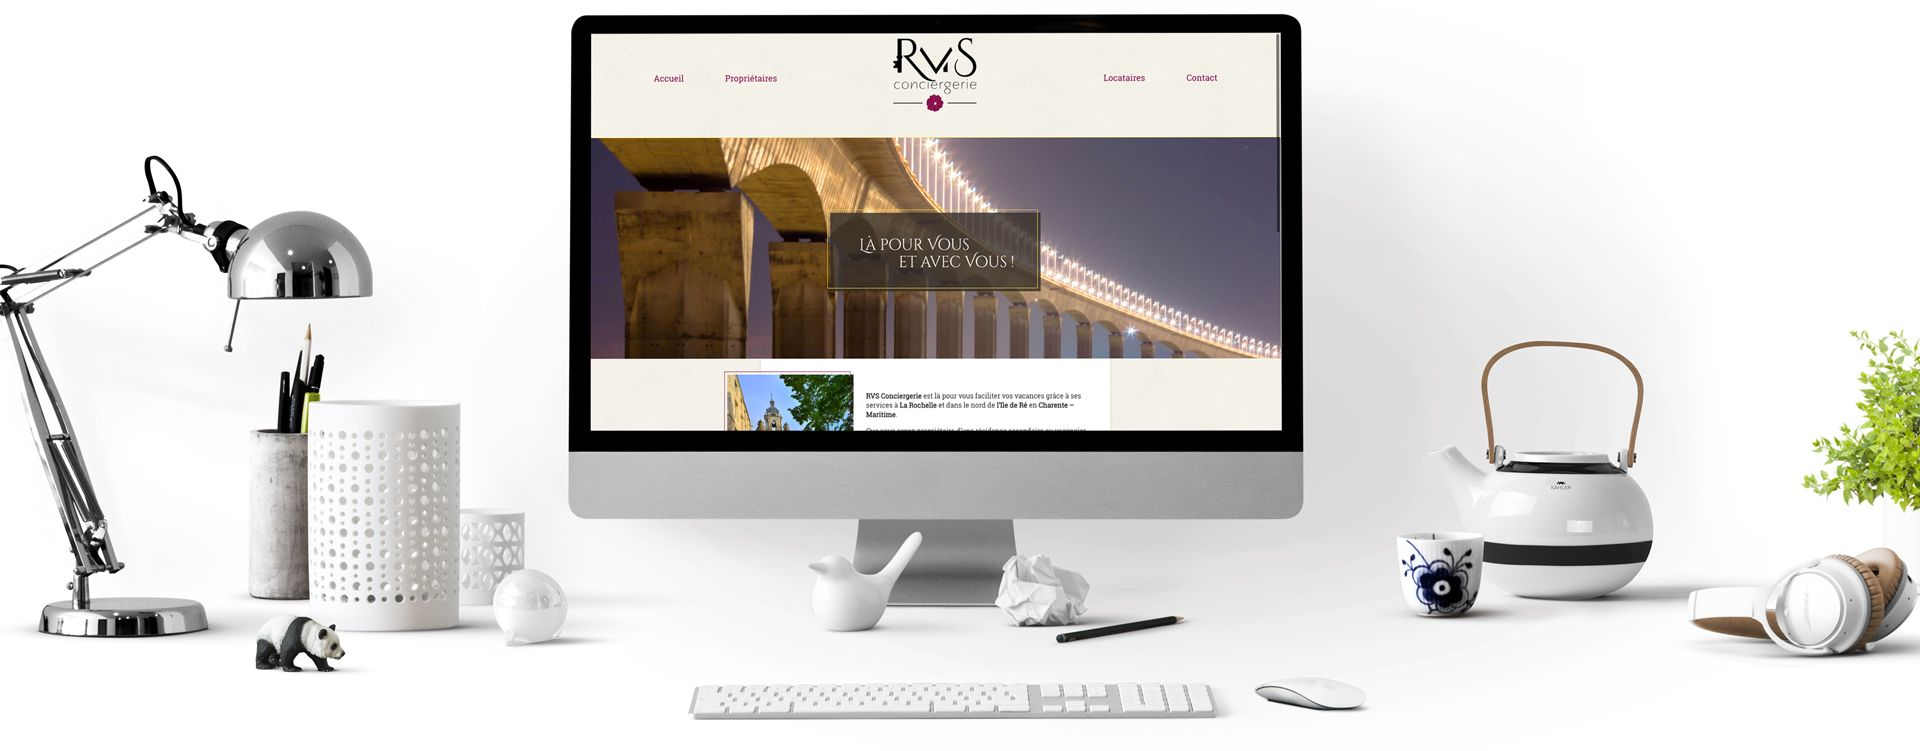 rvs-conciergerie